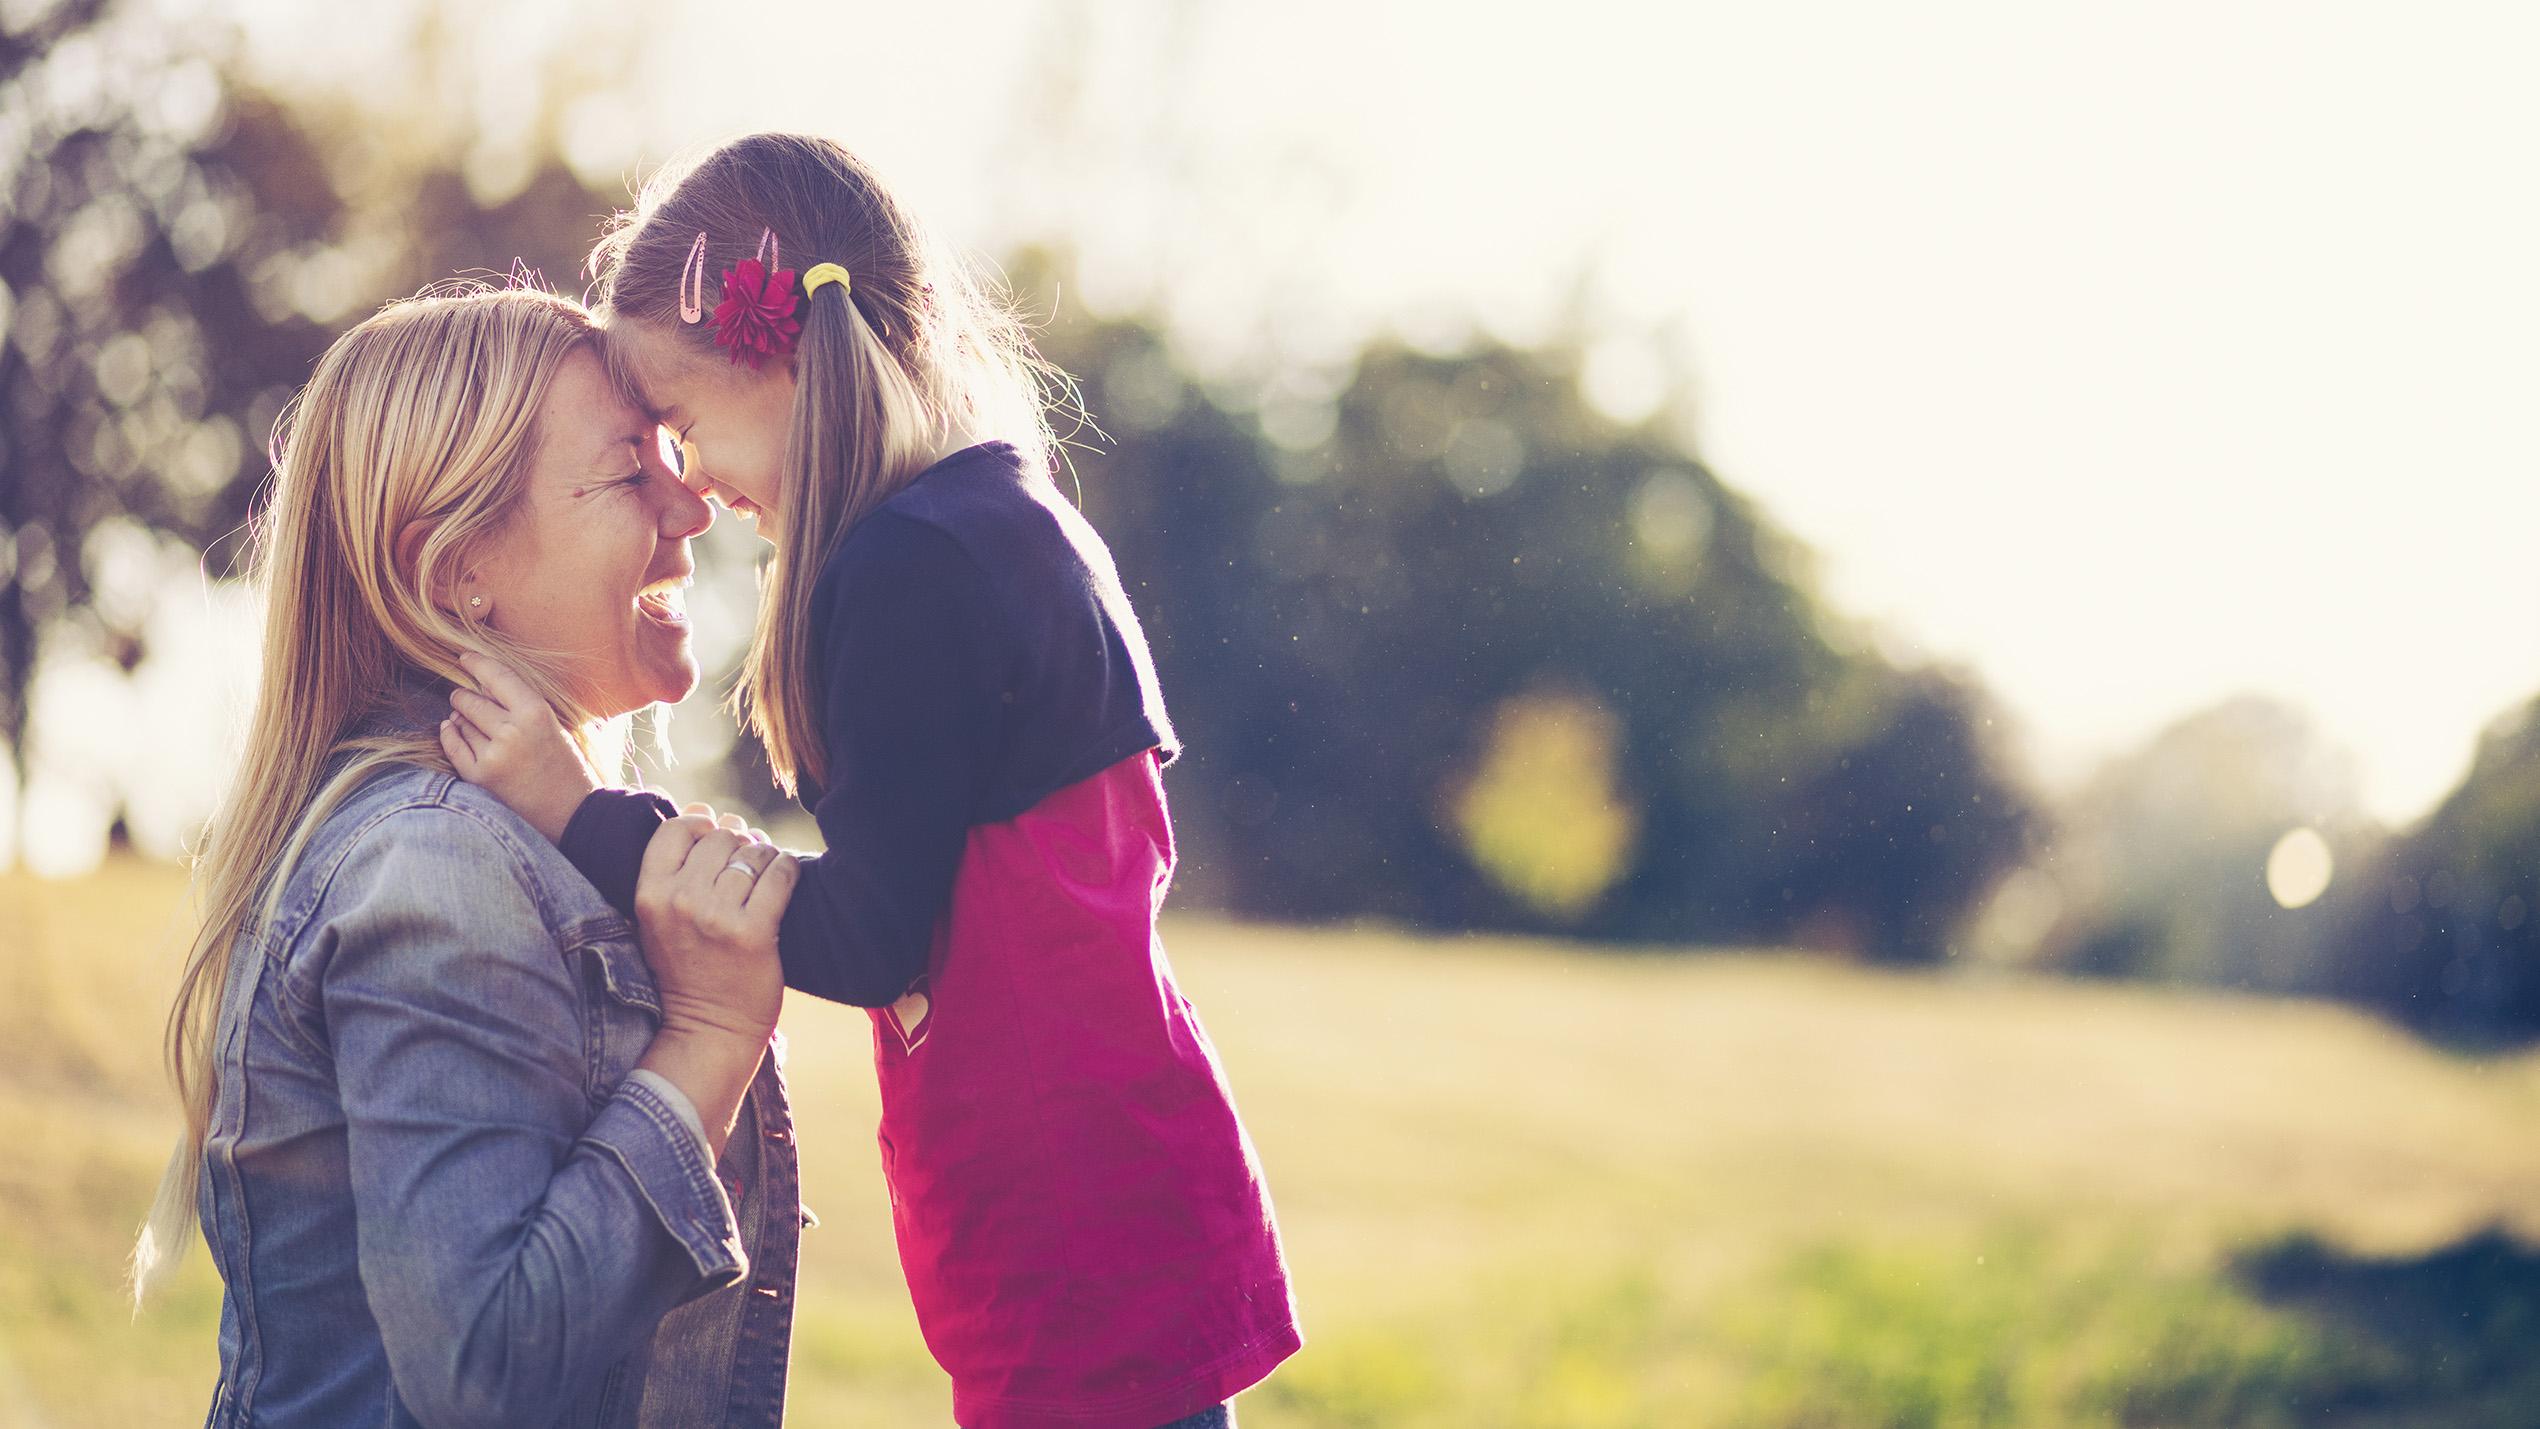 papas regels voor dating zwangerschap dating door echografie nauwkeurigheid